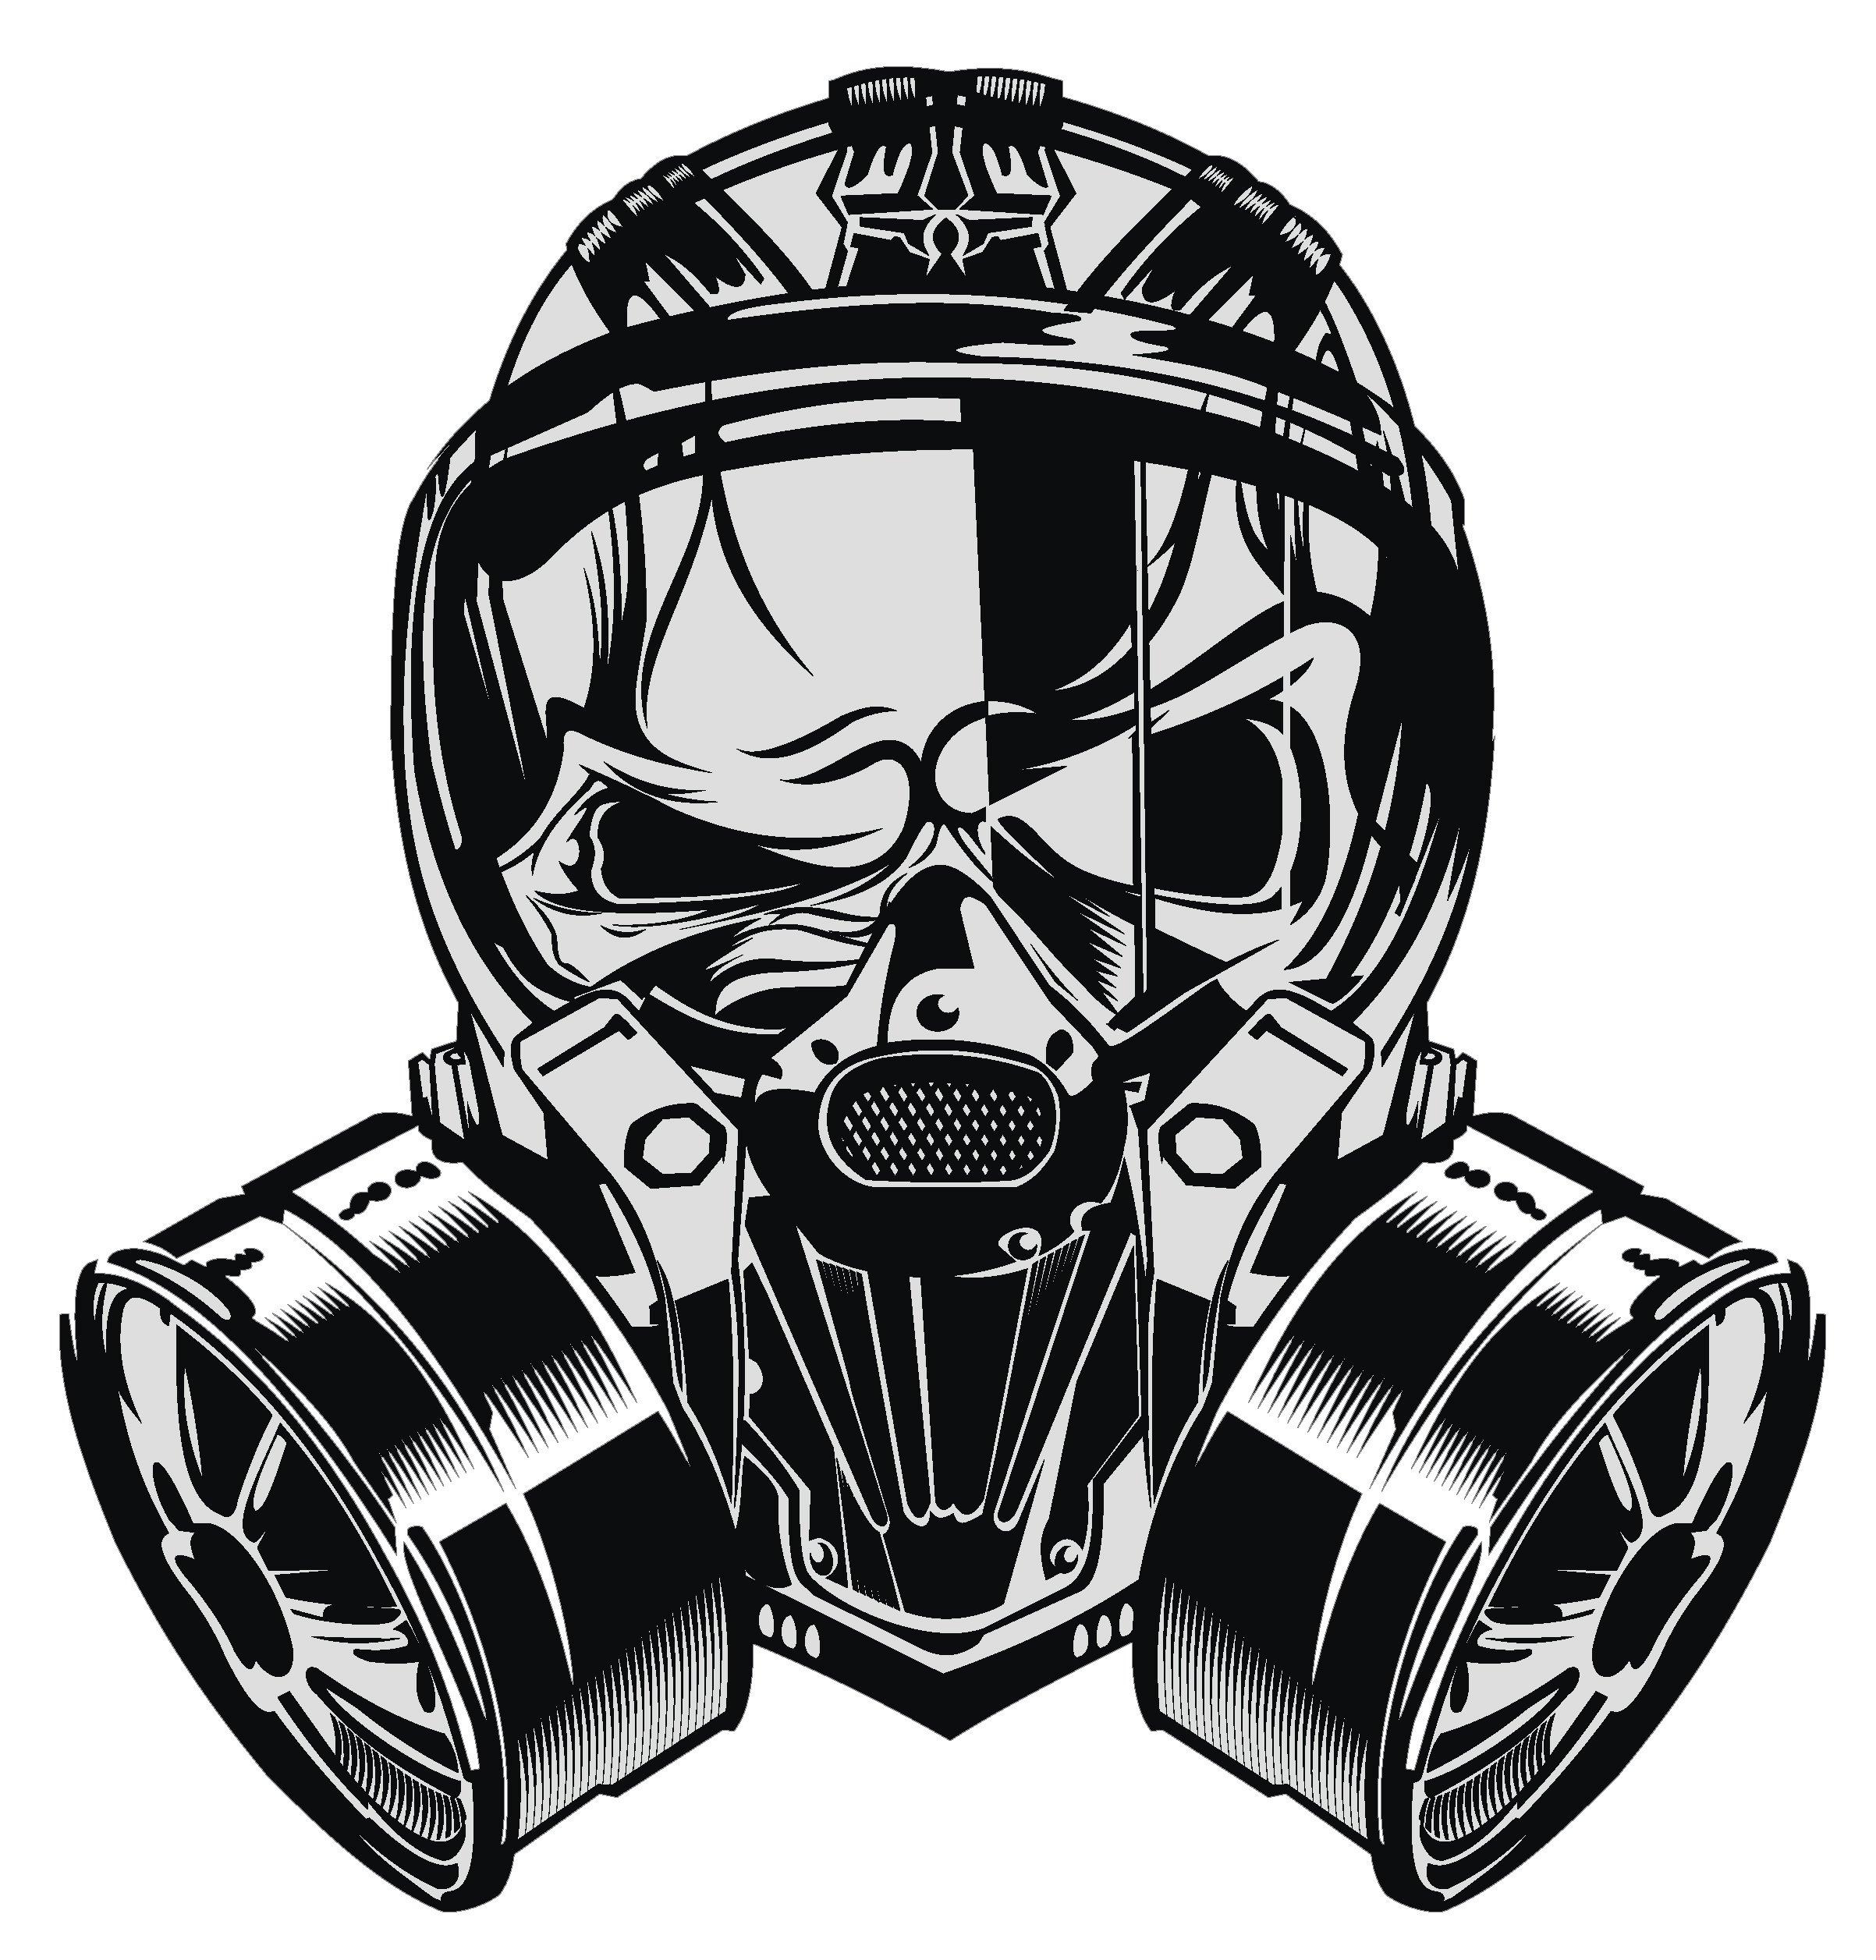 4 Tall Divine Designs Cool Black and White Gorilla Monkey Soldier Cartoon Vinyl Decal Sticker